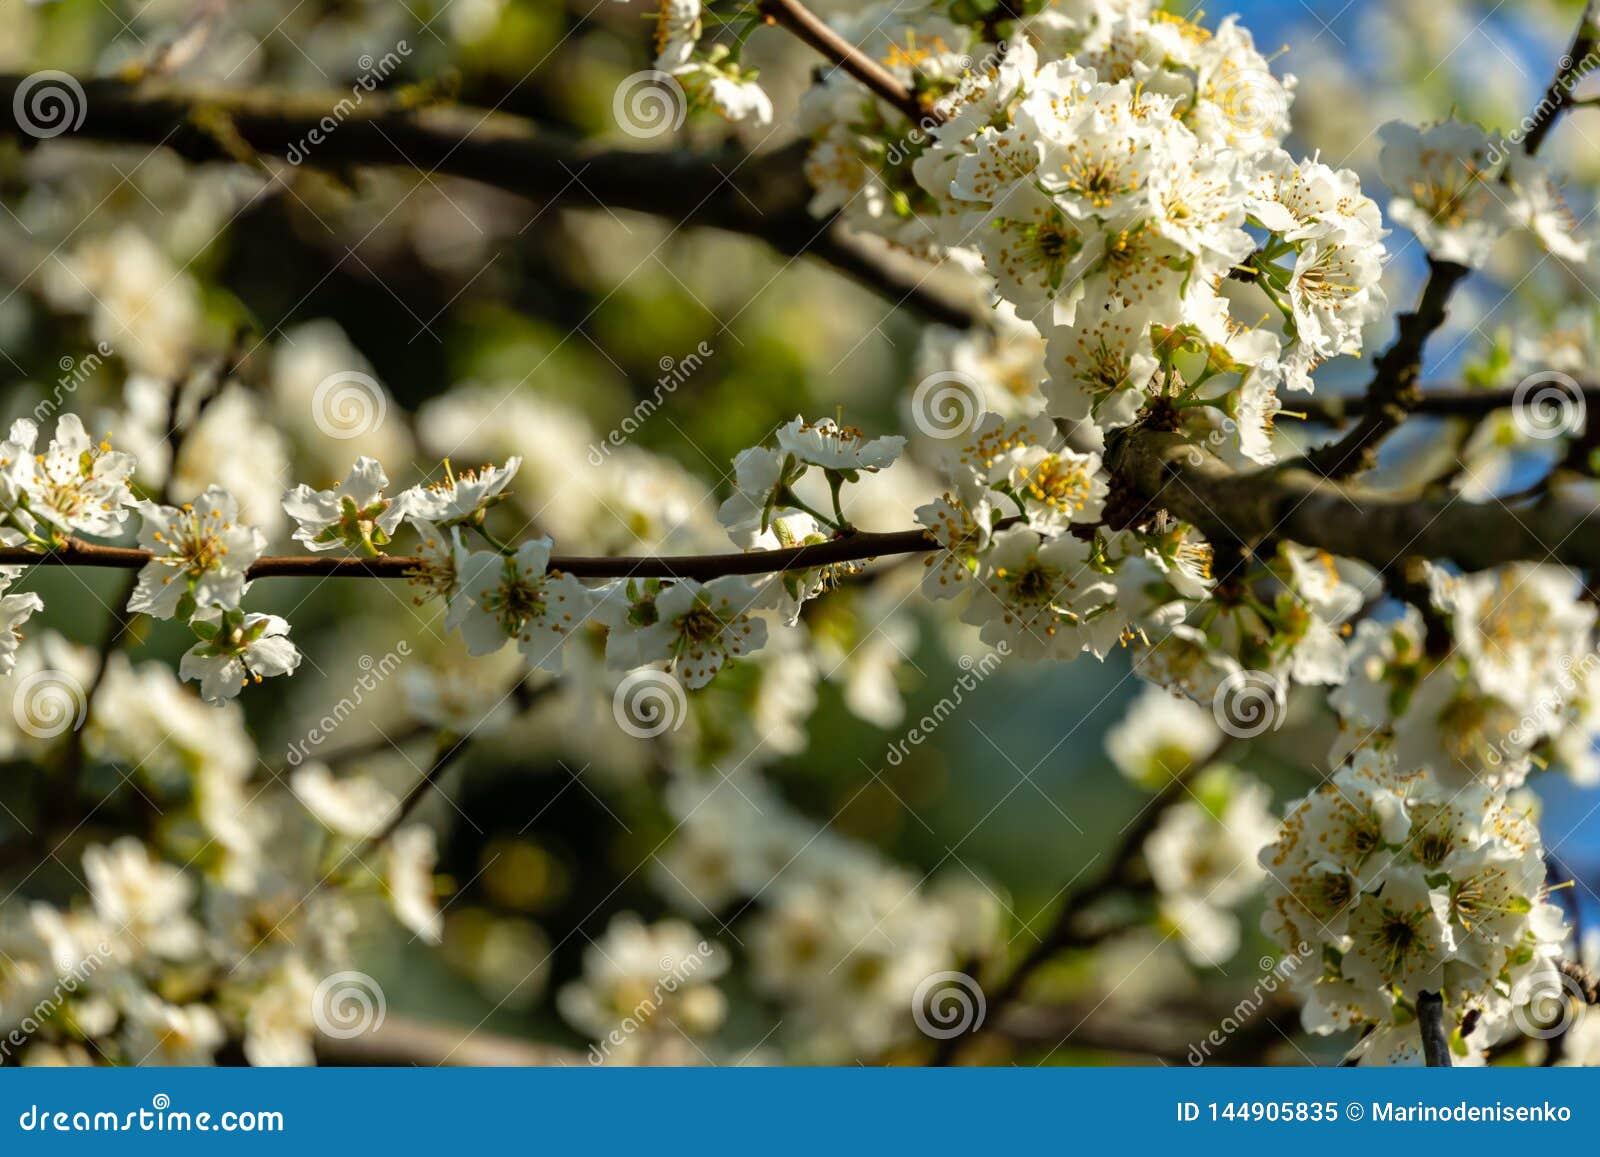 Close-uptakken van witte de bloemenbloesem van de kersenpruim in de lente De partij van witte bloemen in zonnige de lentedag op b